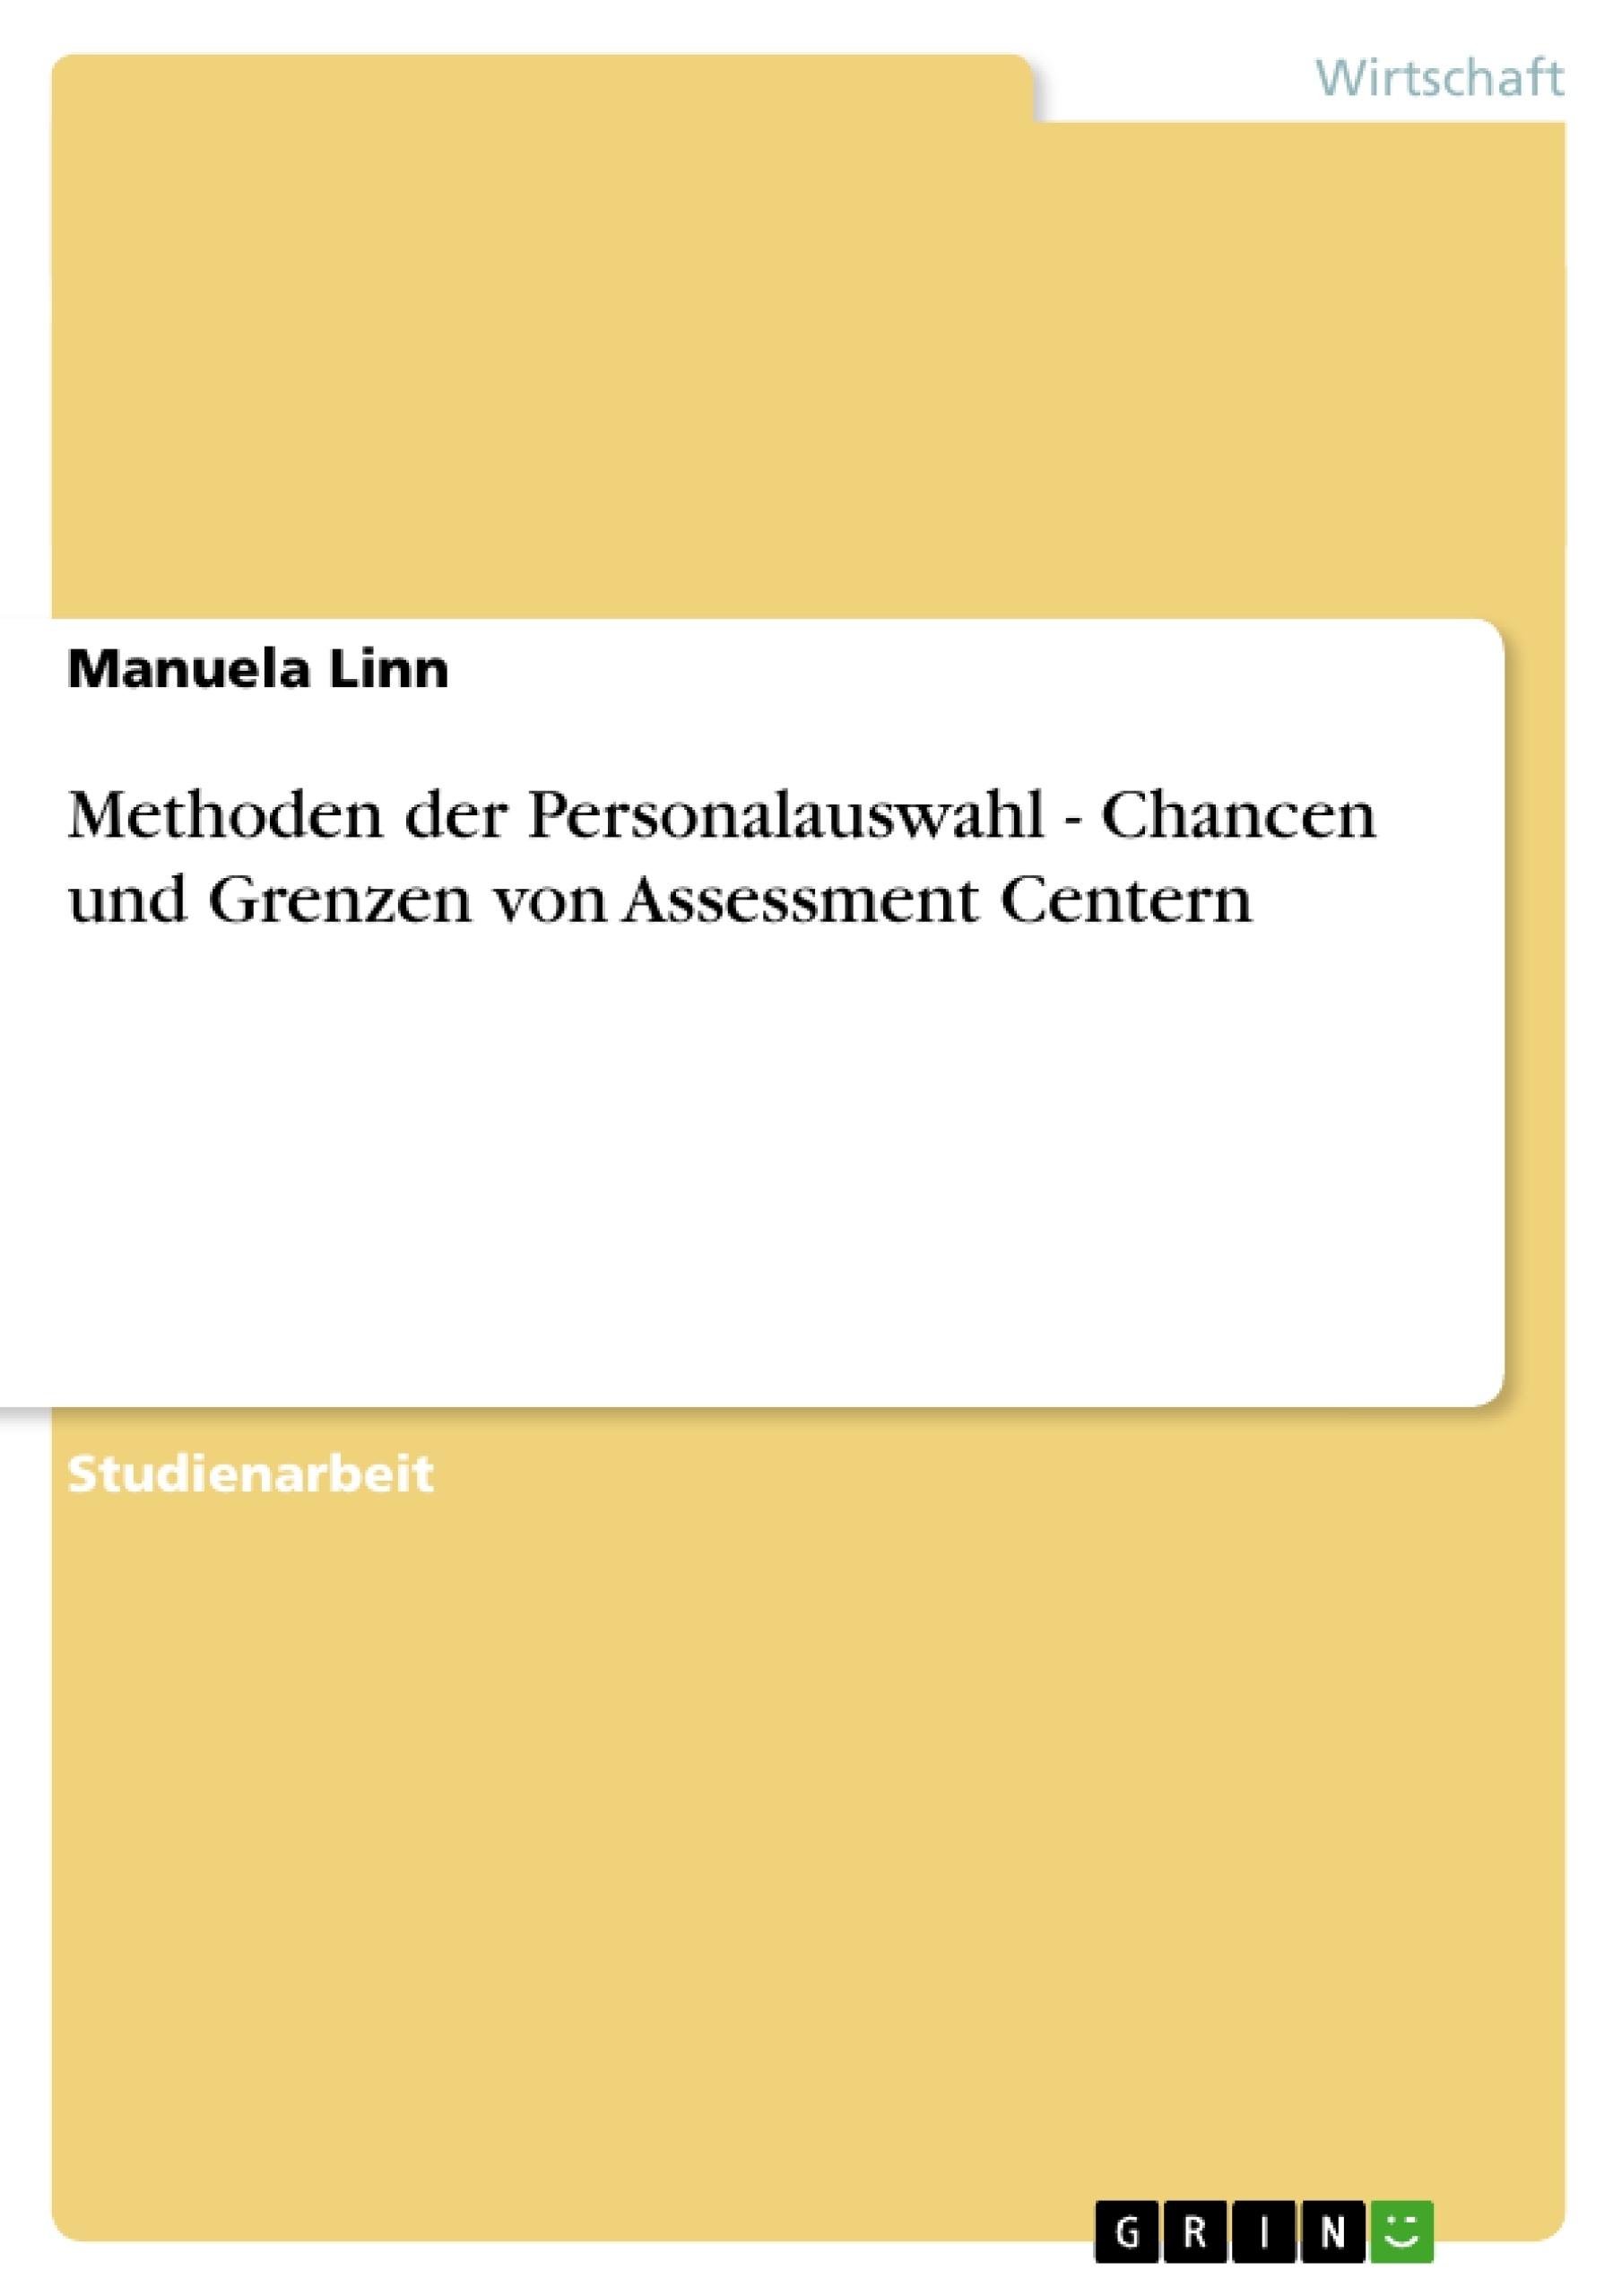 Titel: Methoden der Personalauswahl - Chancen und Grenzen von Assessment Centern